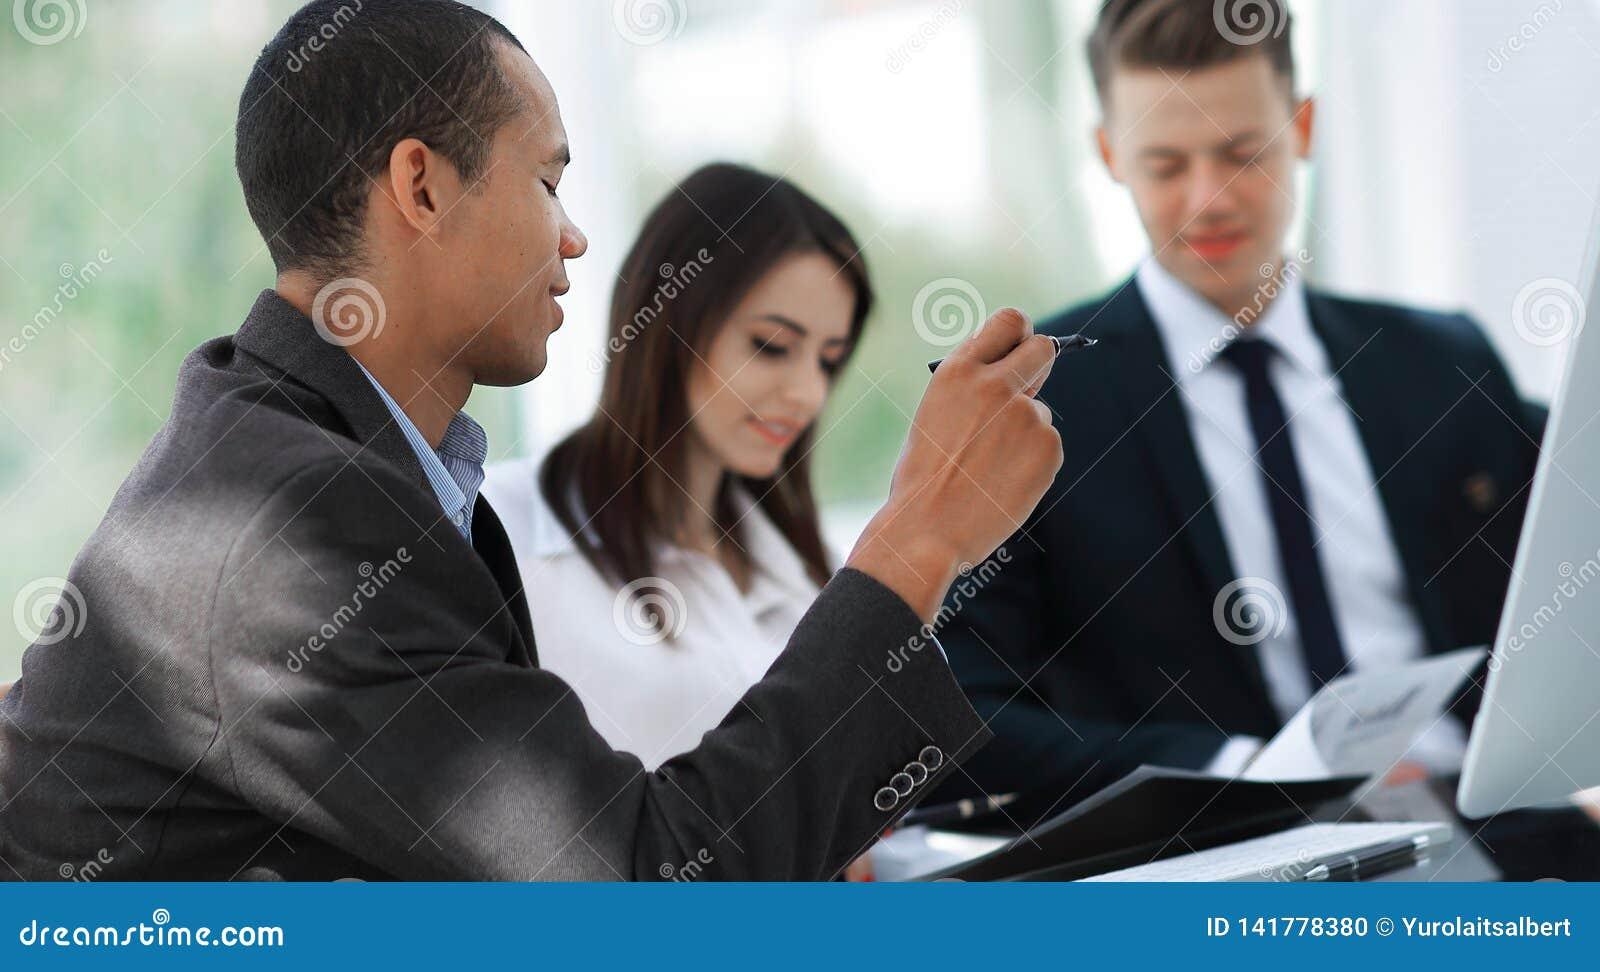 Υπάλληλοι που συζητούν τις νέες ιδέες σε ένα σύγχρονο γραφείο Τ